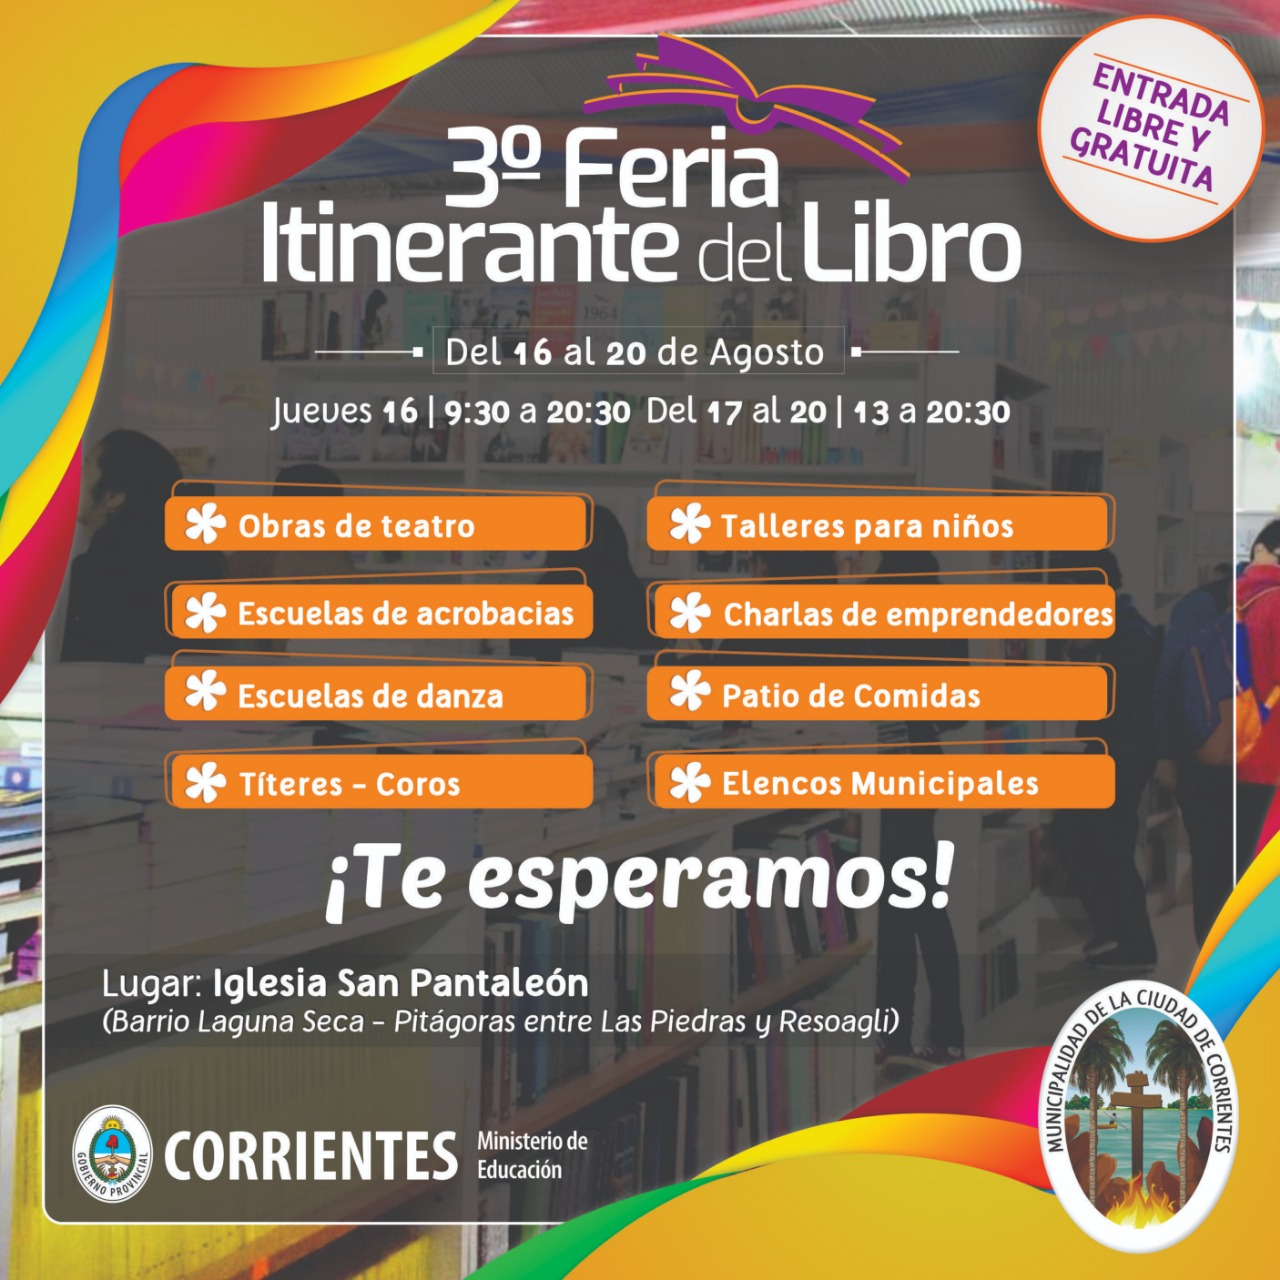 Con diversos atractivos, arranca la tercera edición de la Feria del Libro Itinerante